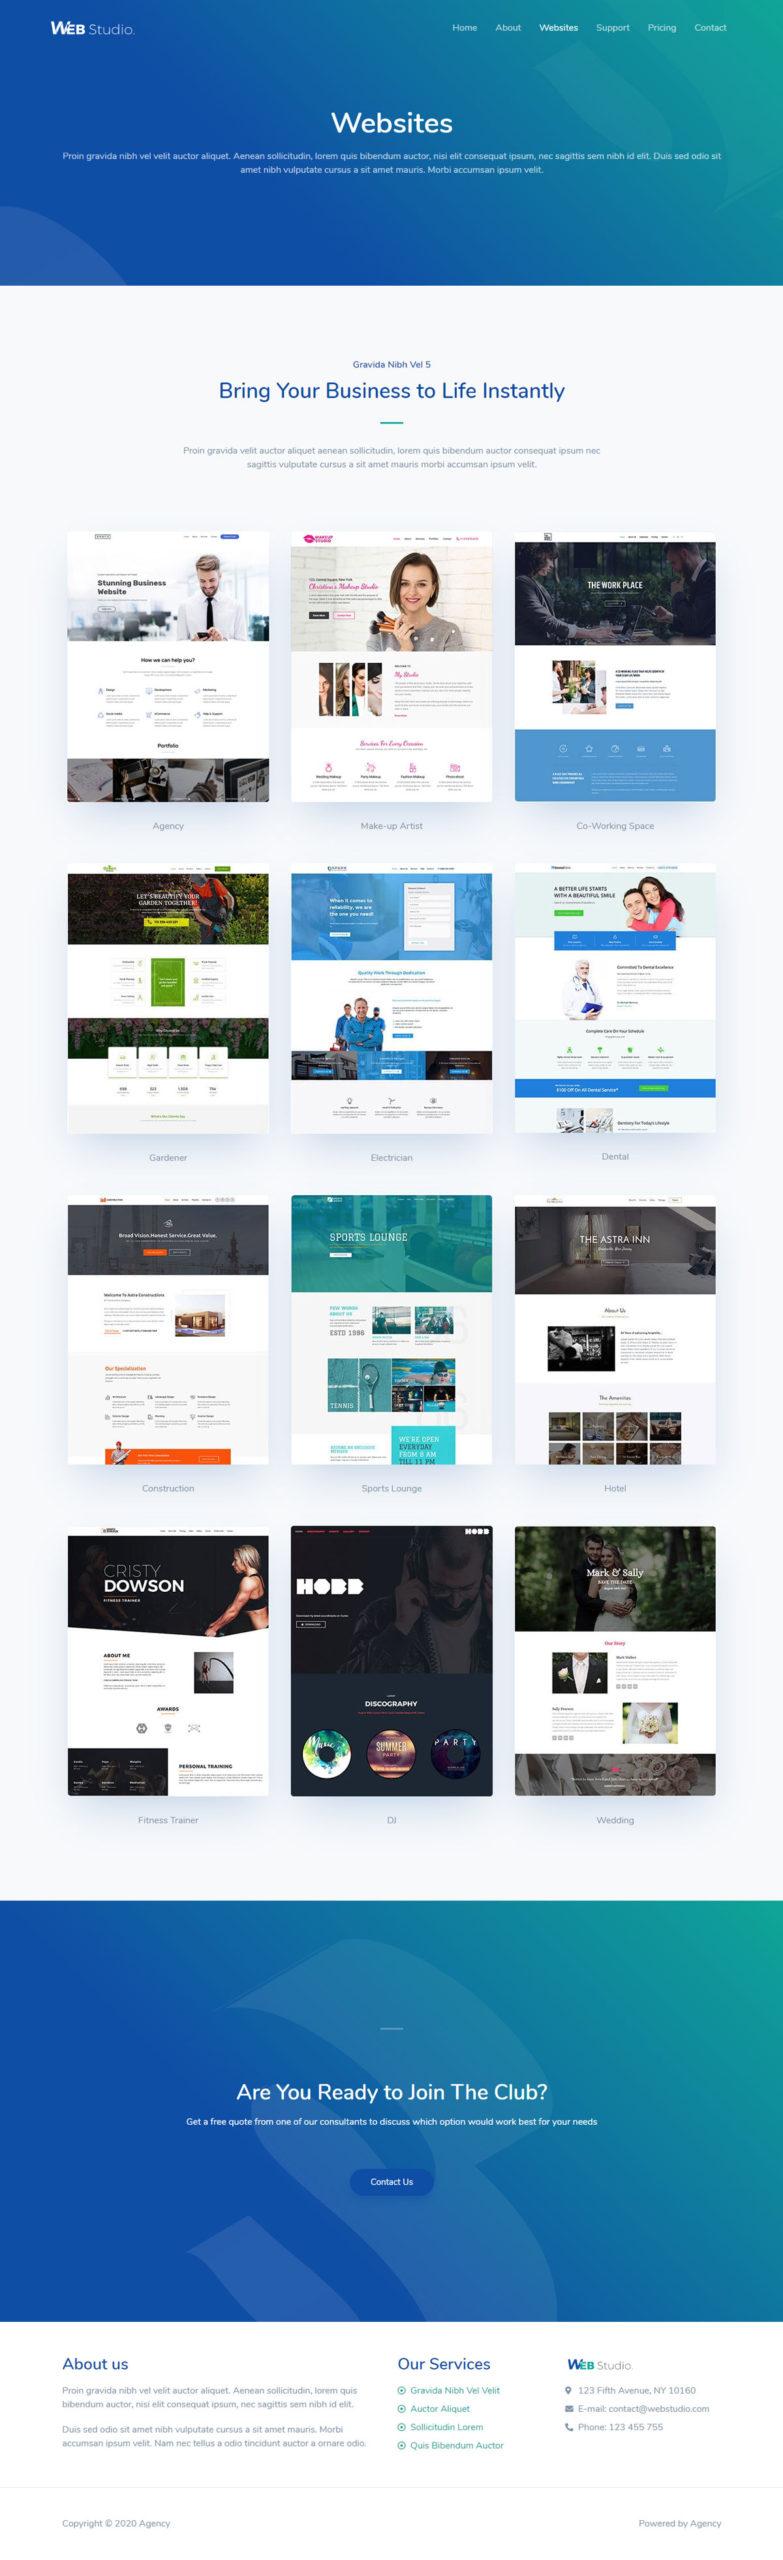 demo18-websites